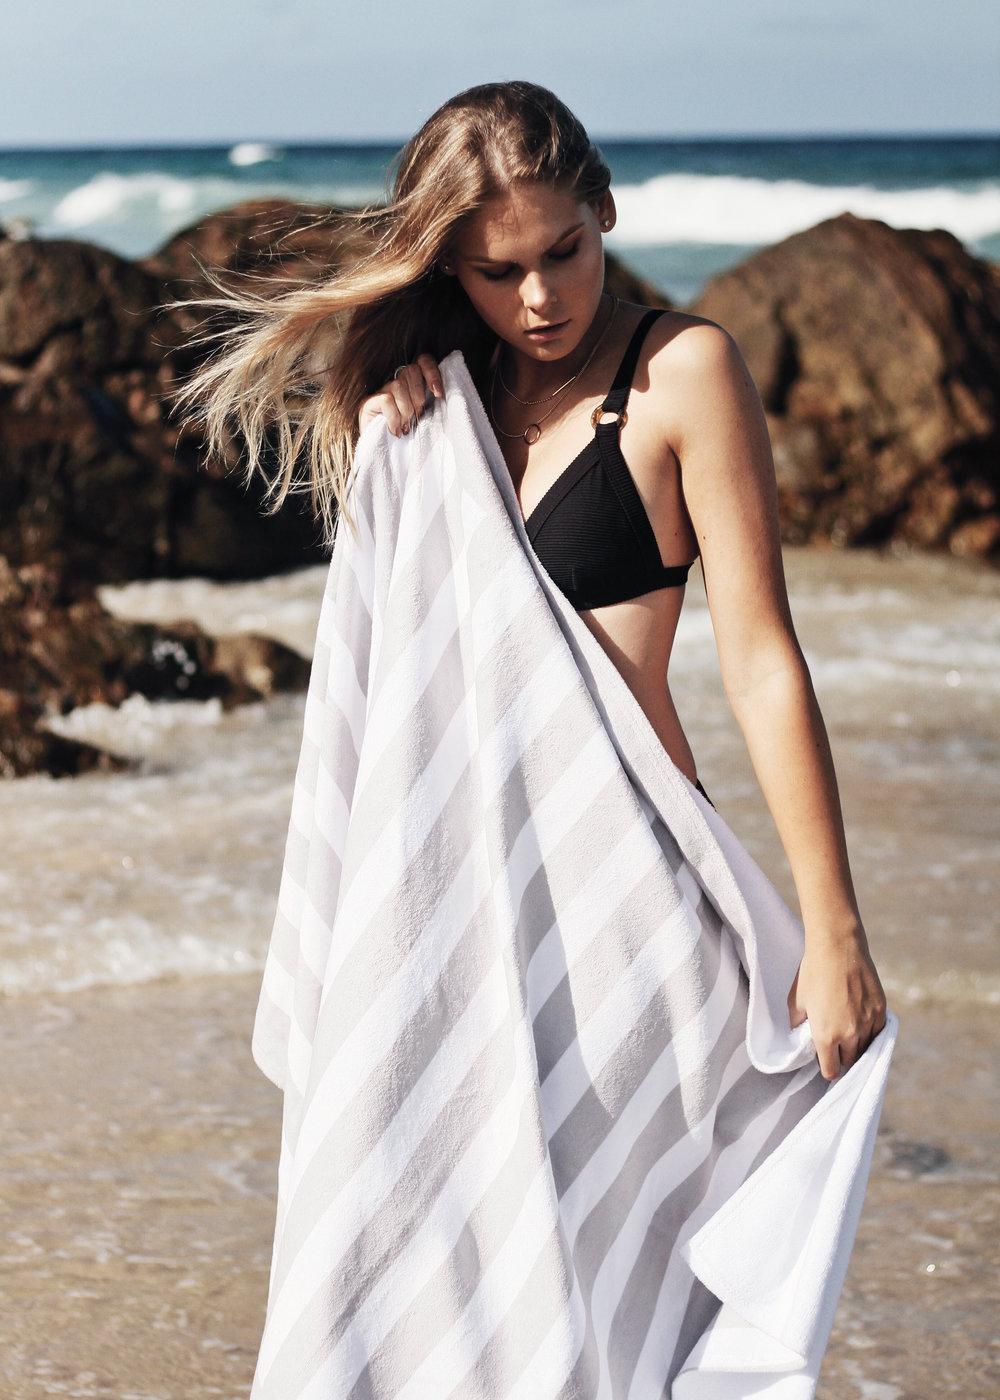 beach-outfit-bikini.jpg